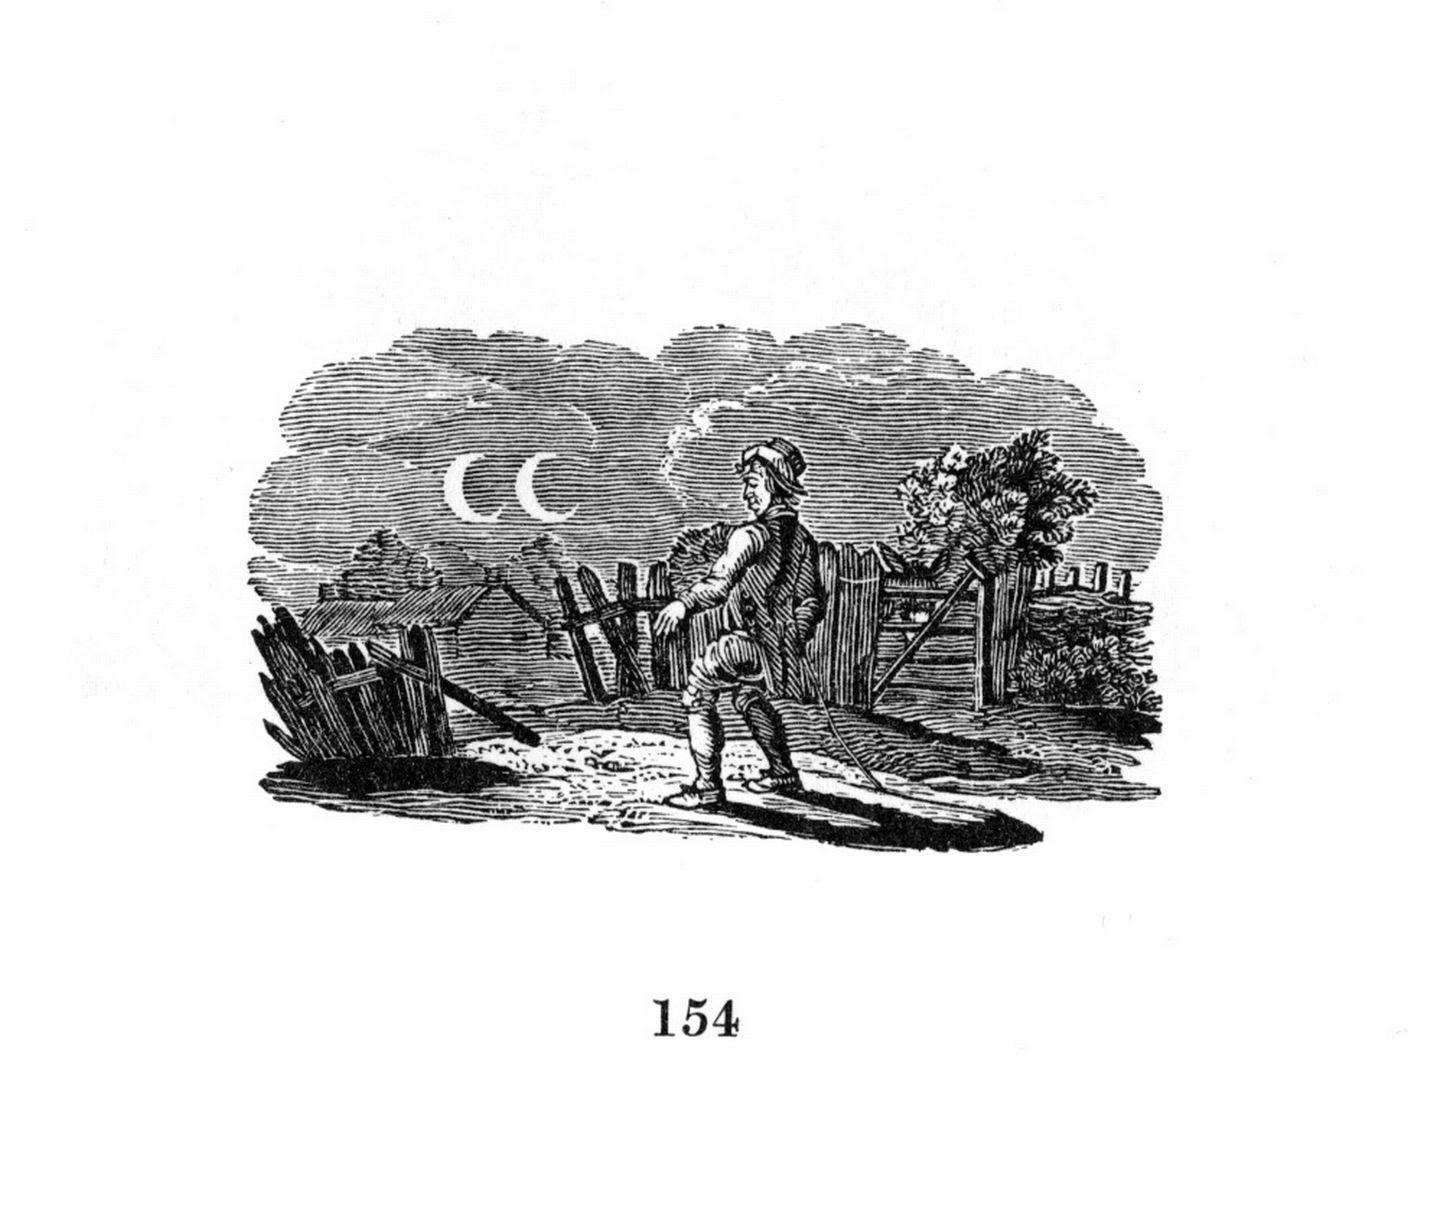 Prints by Thomas Bewick